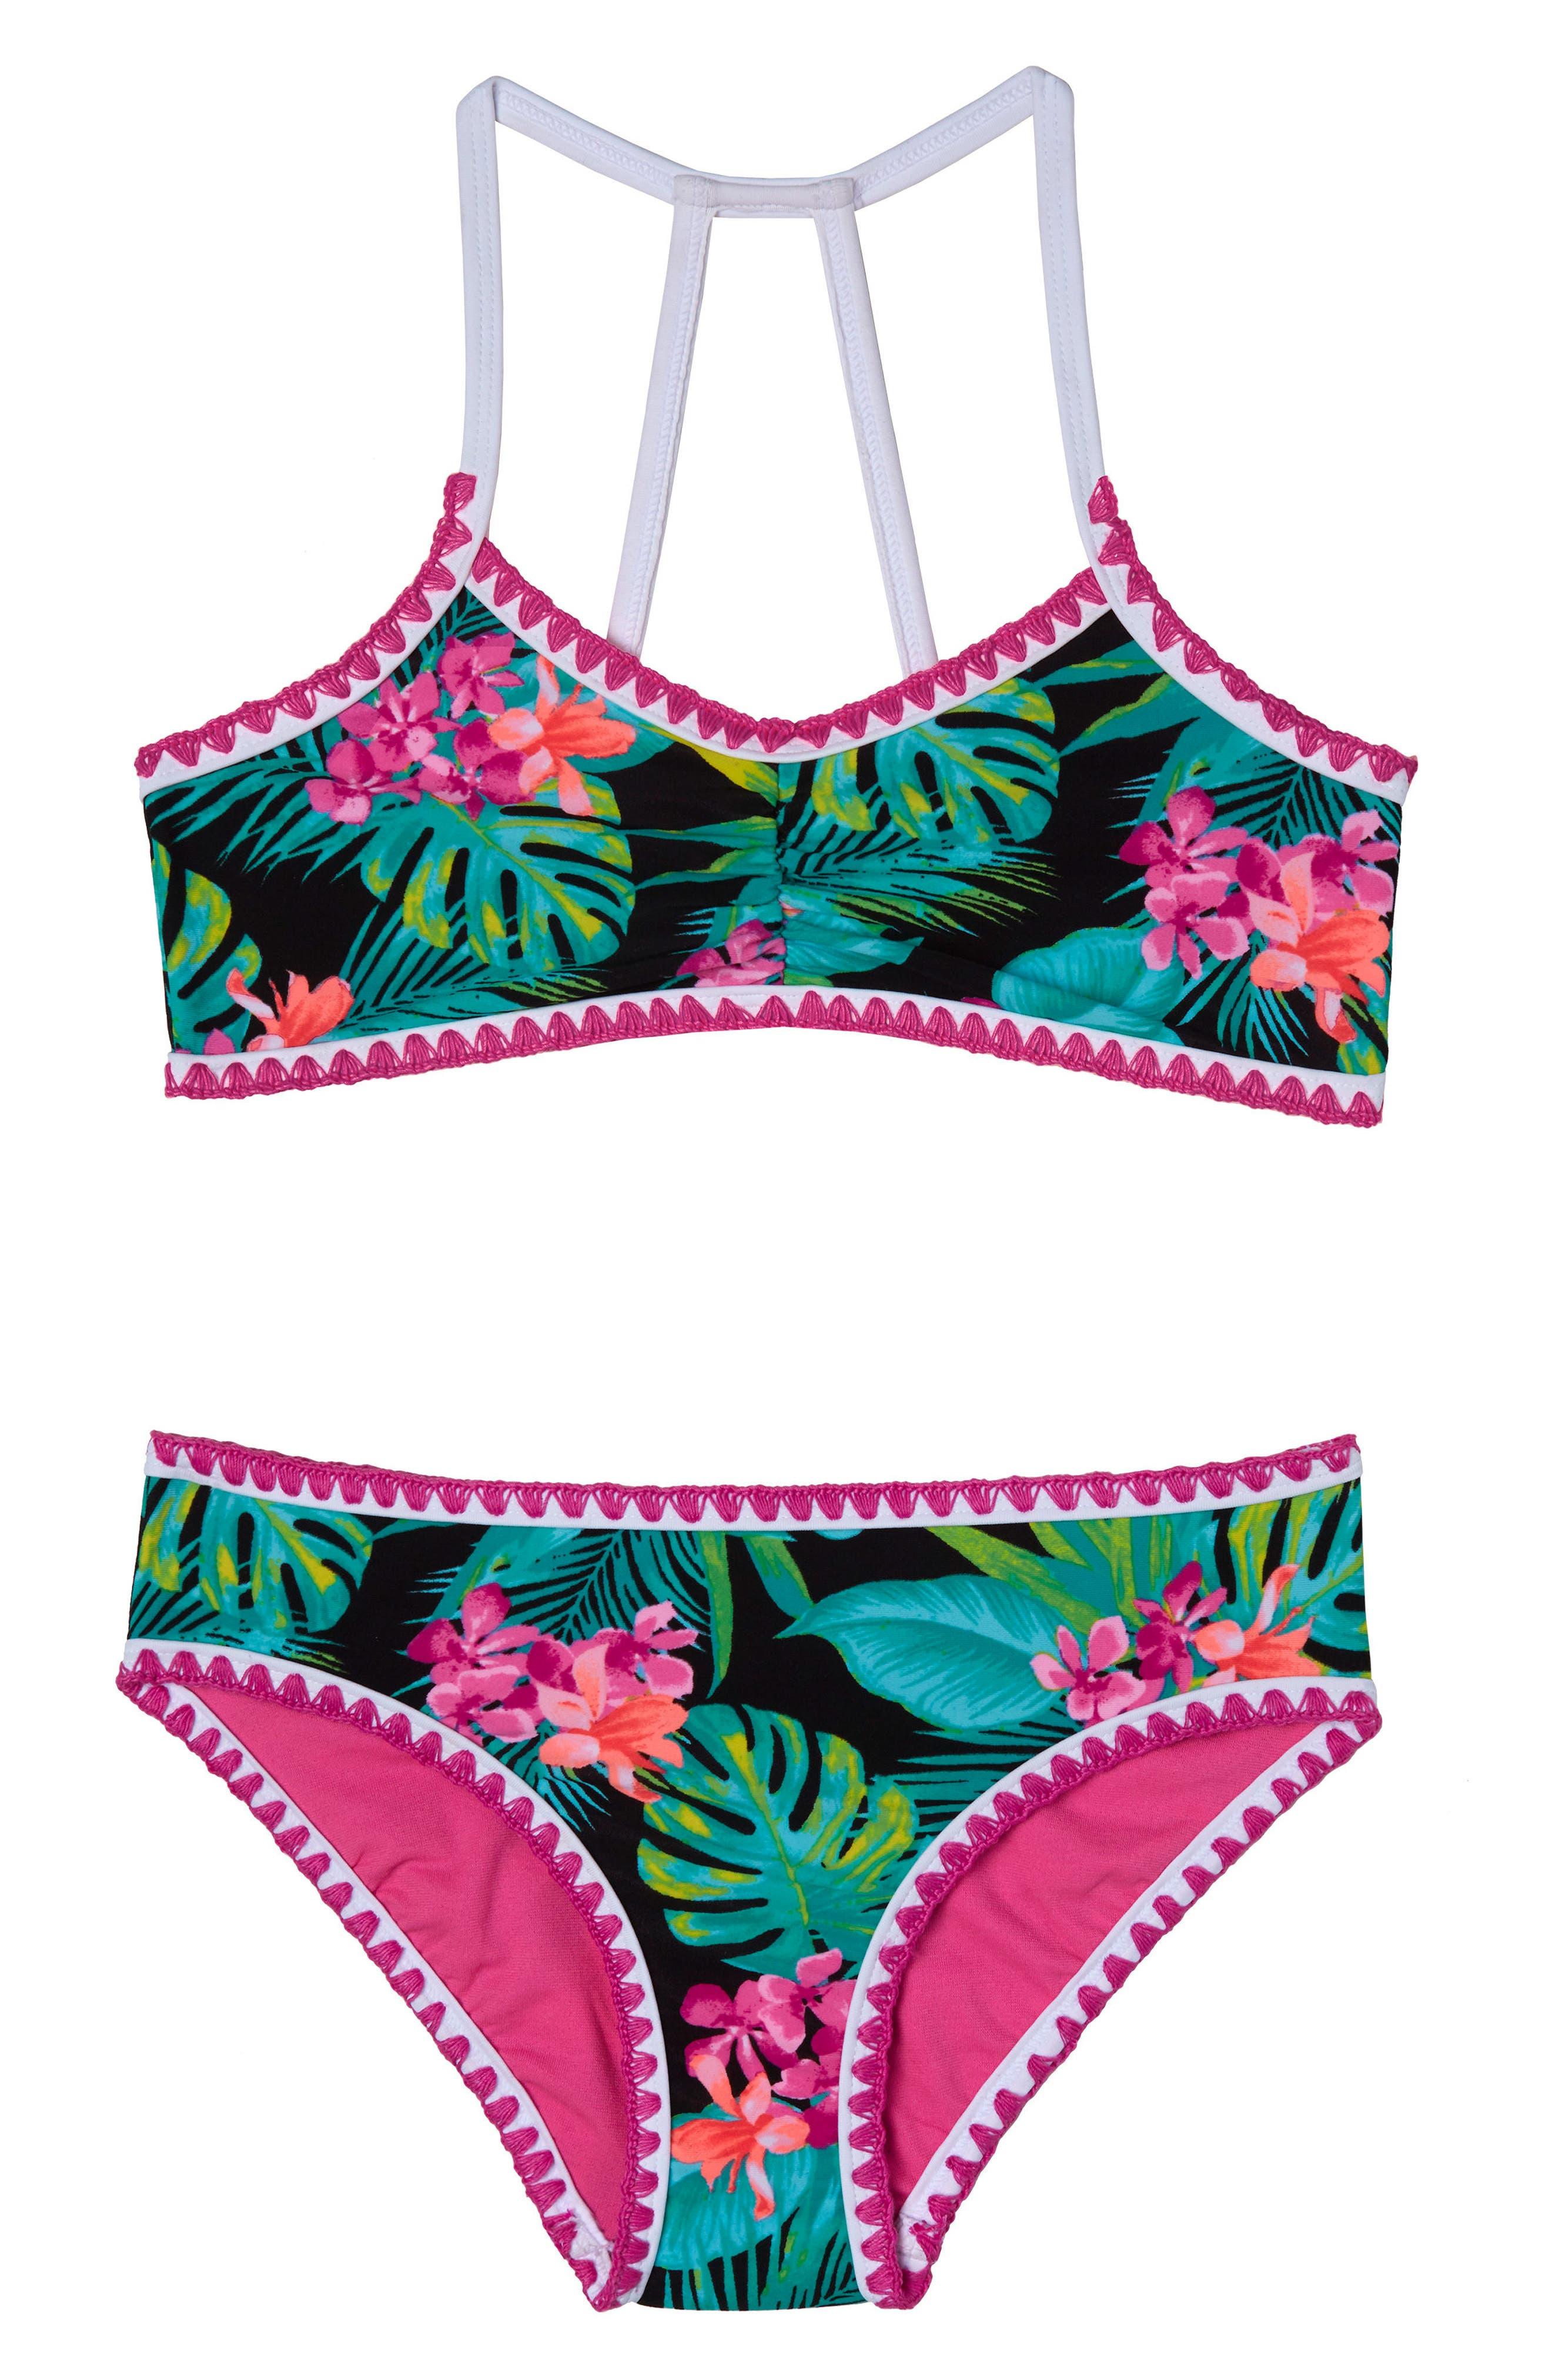 Tropical Escape Two-Piece Swimsuit,                             Main thumbnail 1, color,                             Black